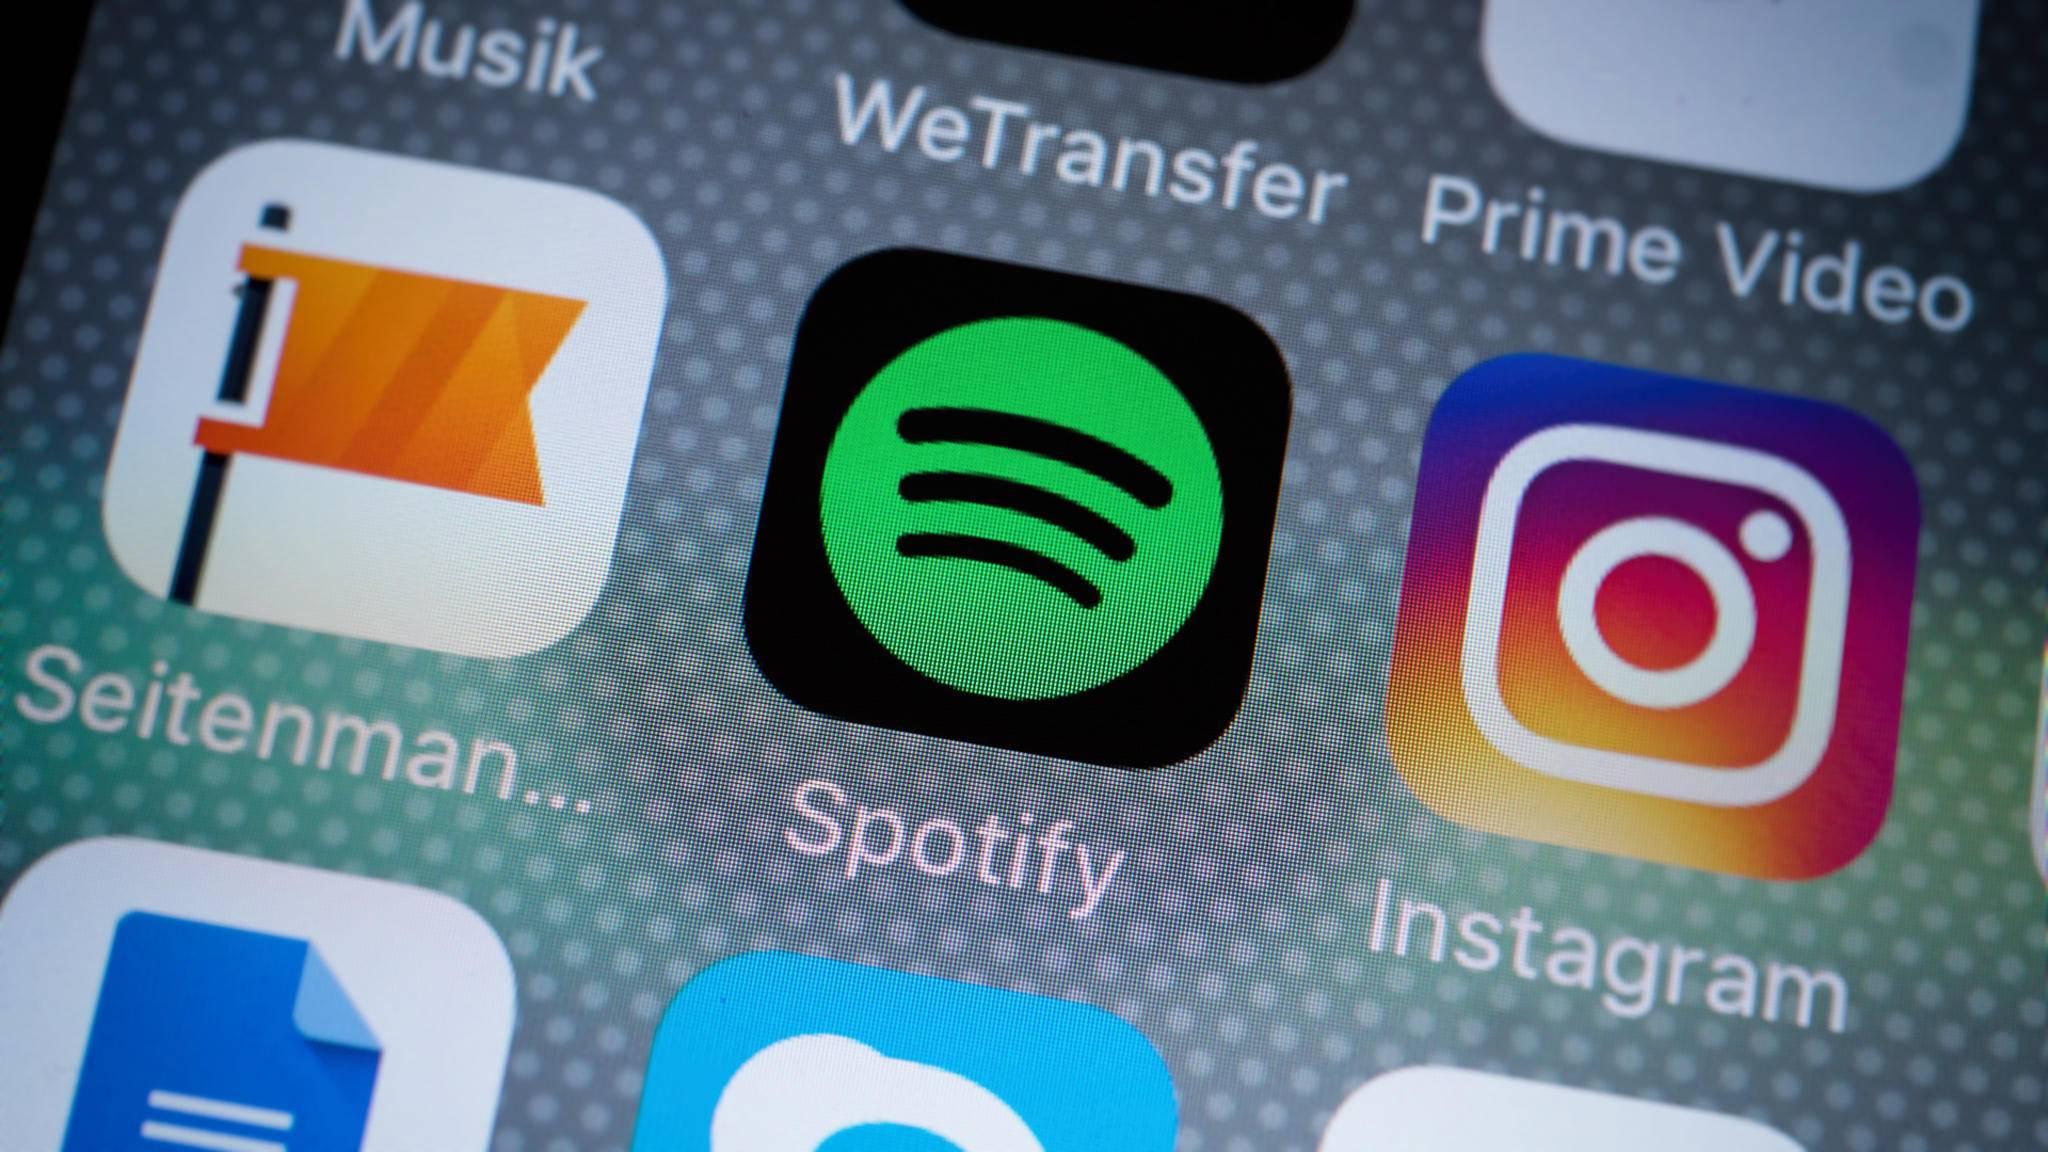 Der Name Spotify wurde erst nachträglich mit Bedeutung versehen.